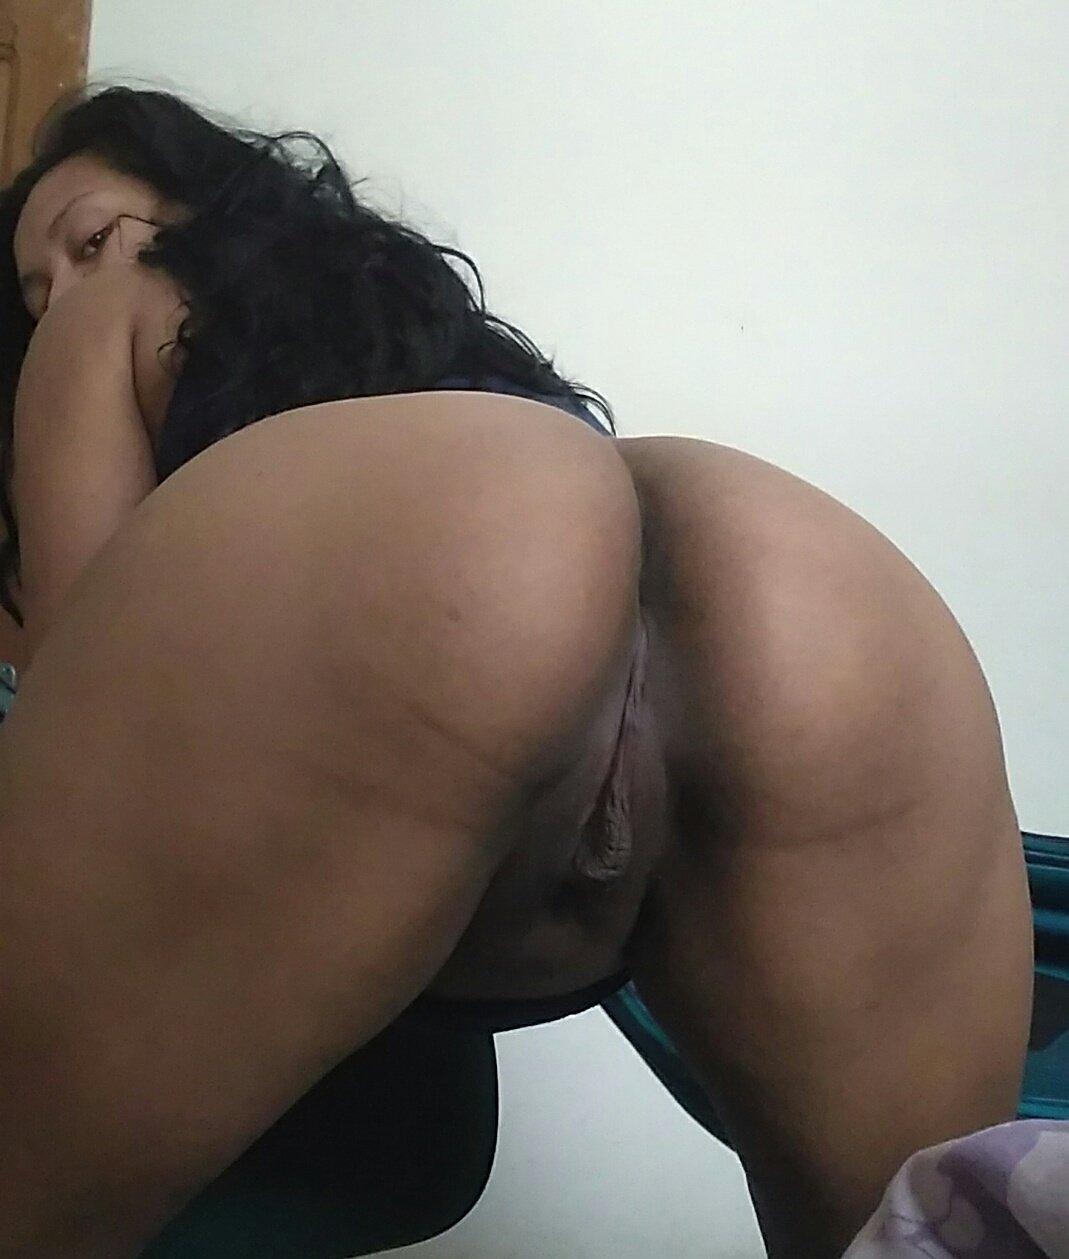 Fotos-e-videos-porno-casada-safada-4.jpg